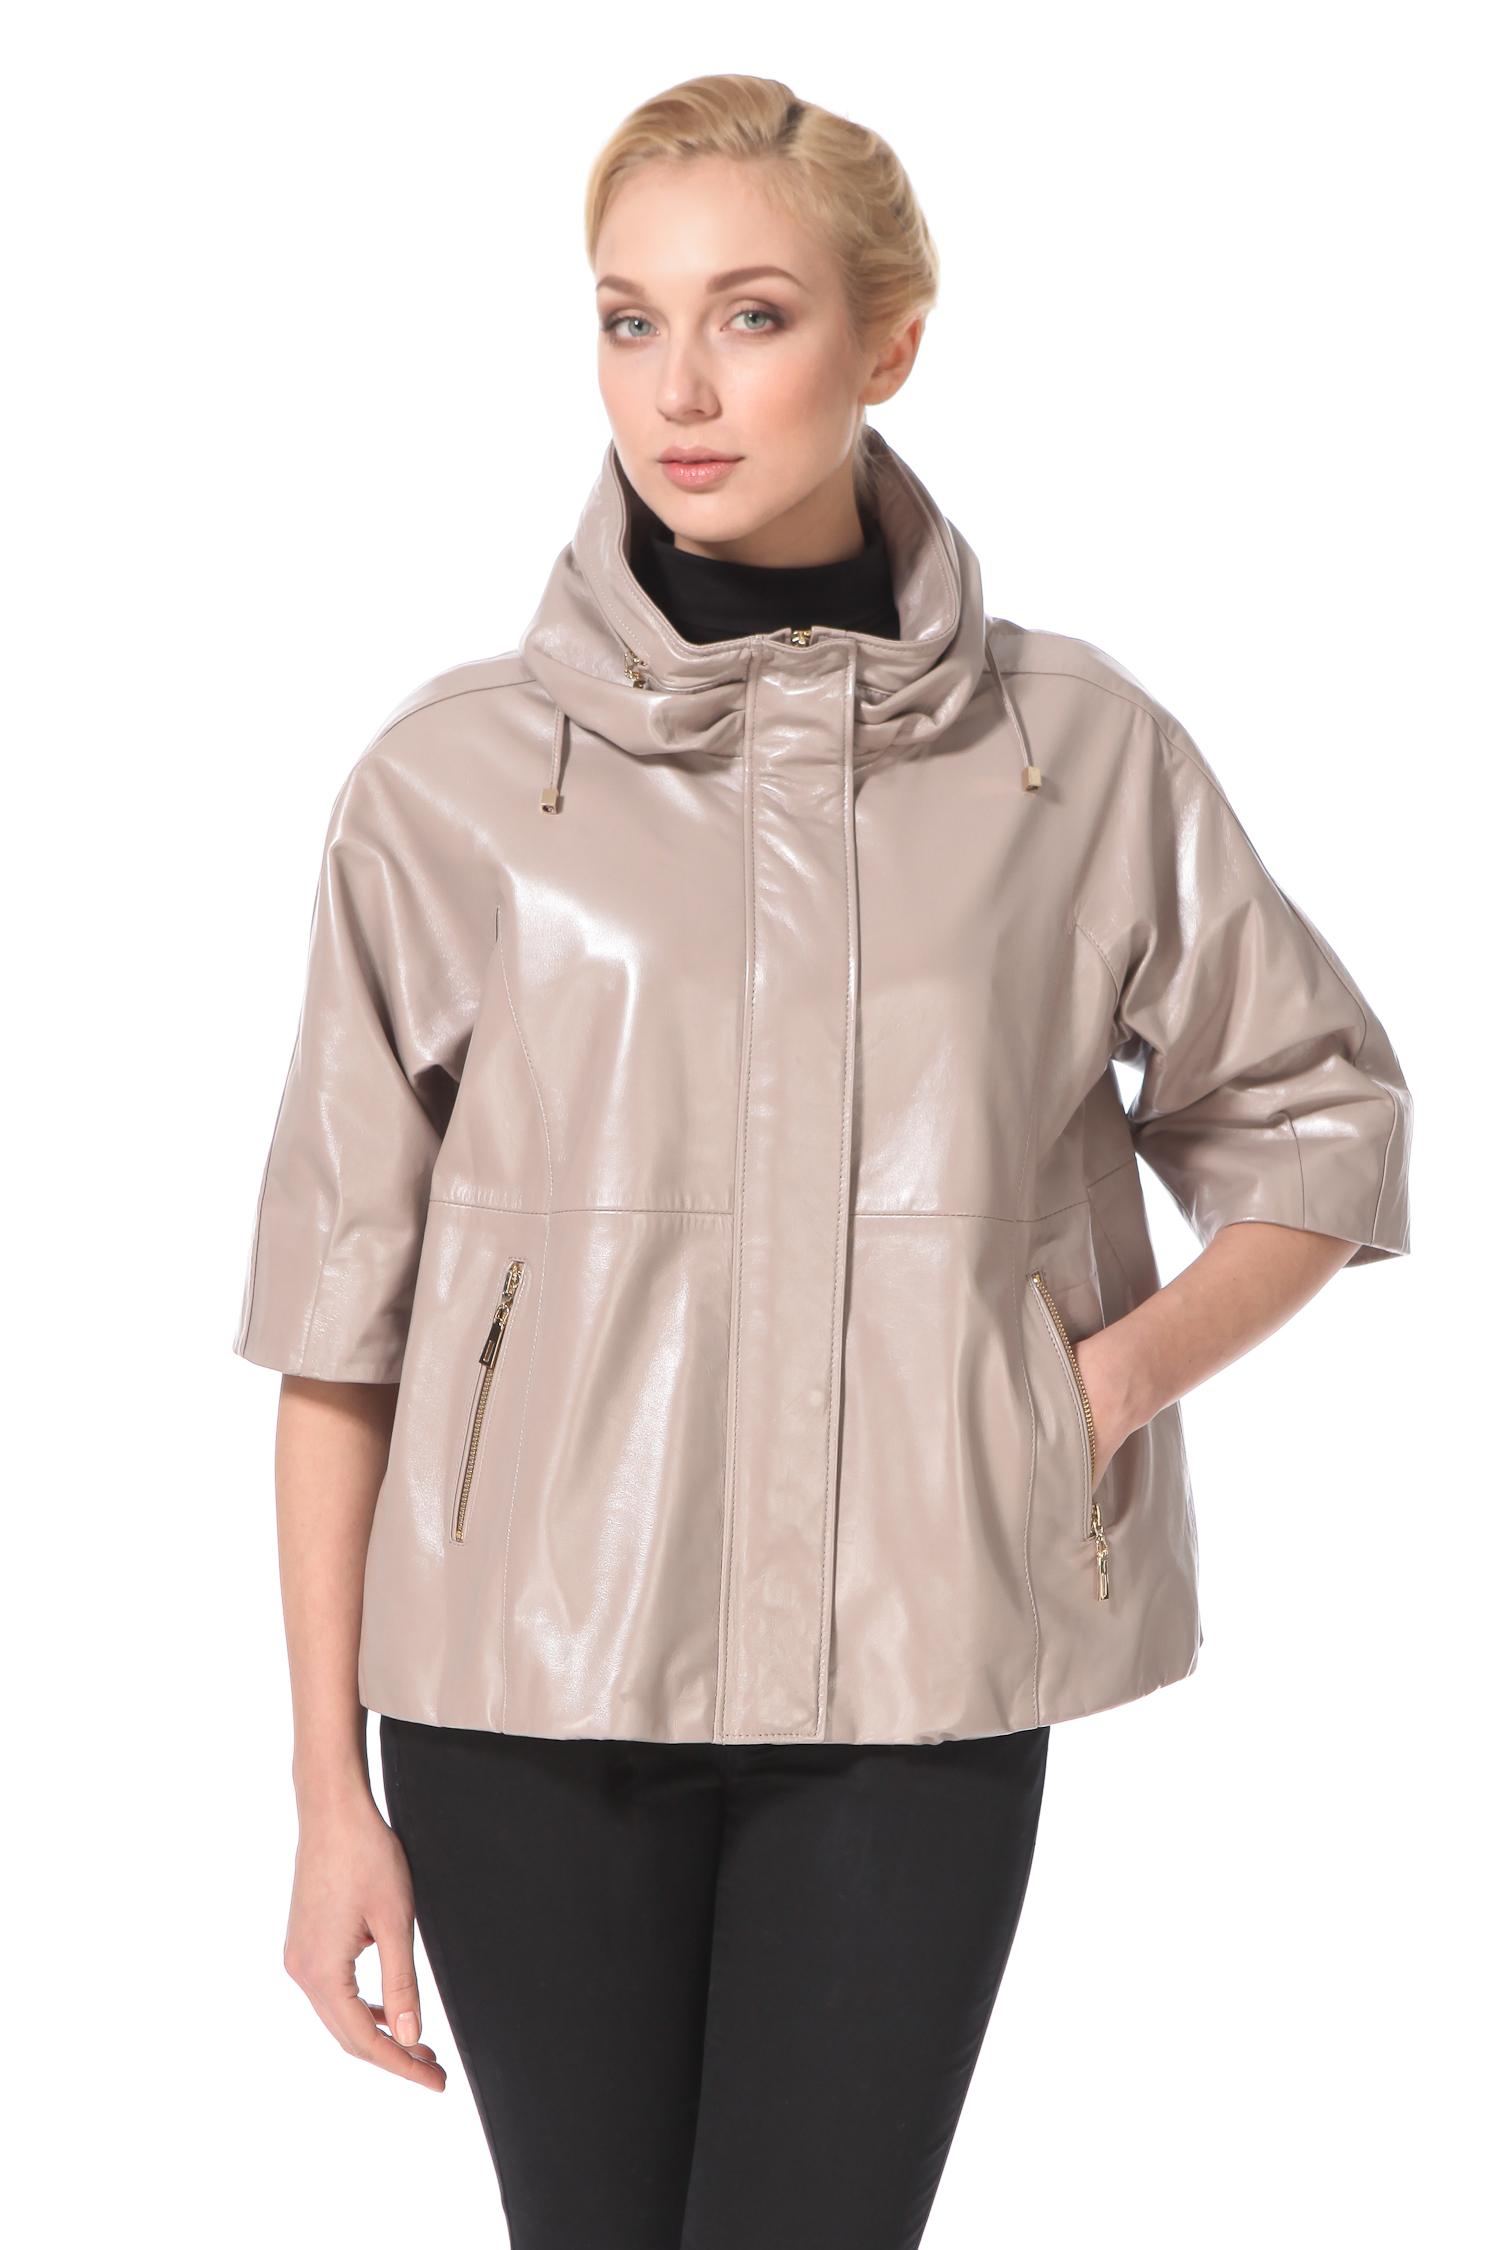 Женская кожаная куртка из натуральной кожи с воротником, без отделки<br><br>Воротник: стойка<br>Длина см: Средняя (75-89 )<br>Материал: Кожа овчина<br>Цвет: бежевый<br>Пол: Женский<br>Размер RU: 54